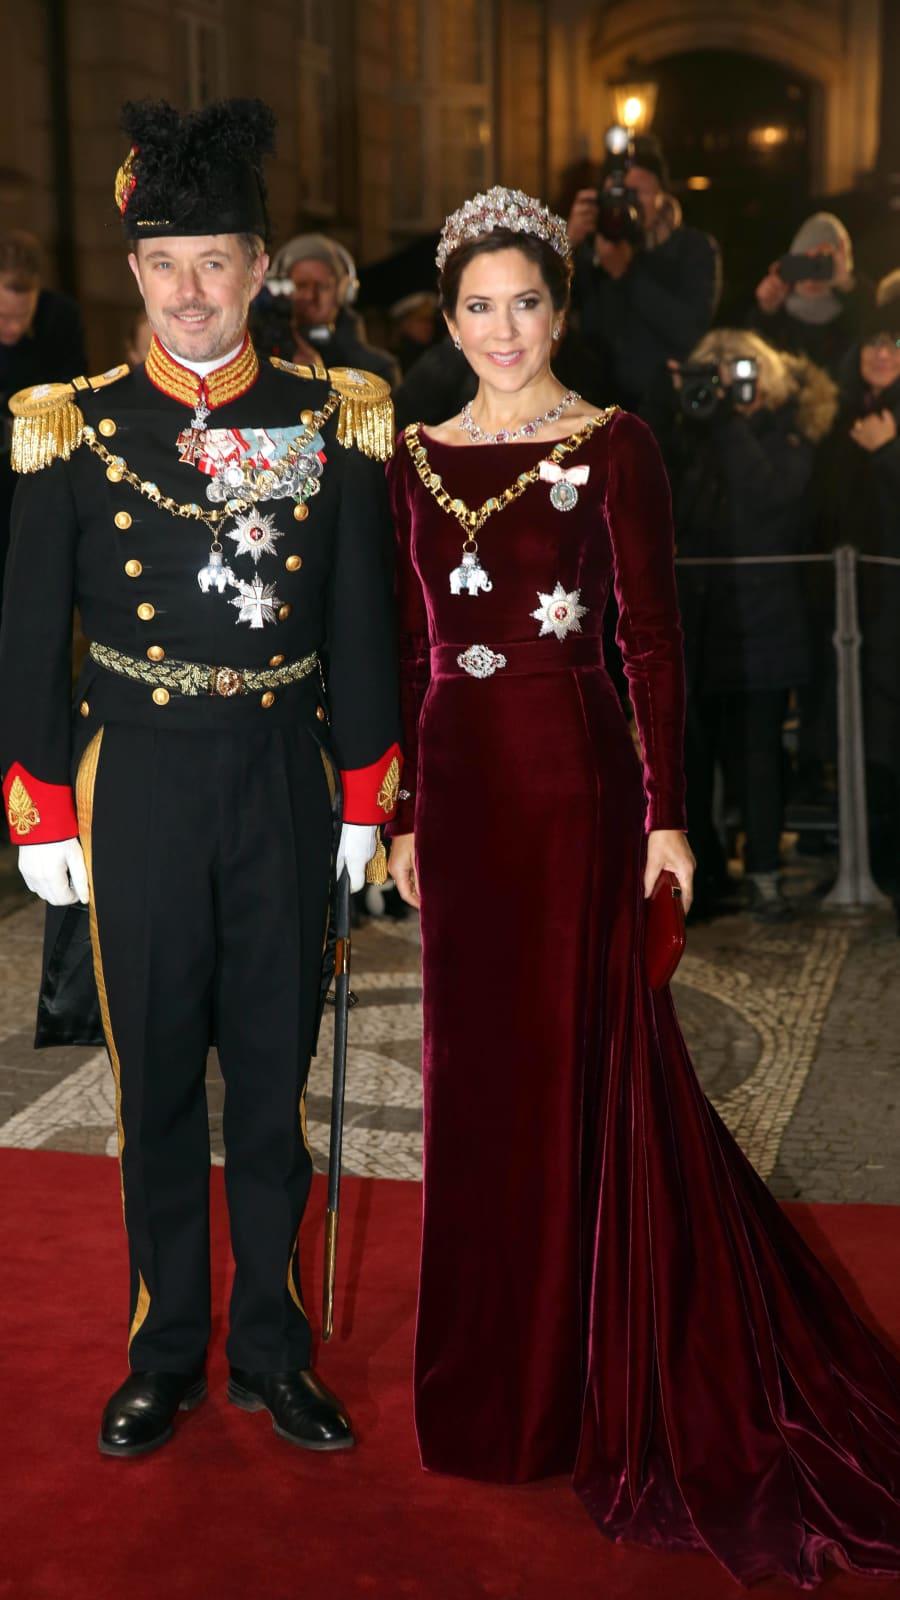 Der Alte Mann Und Die Schwarze Prinzessin